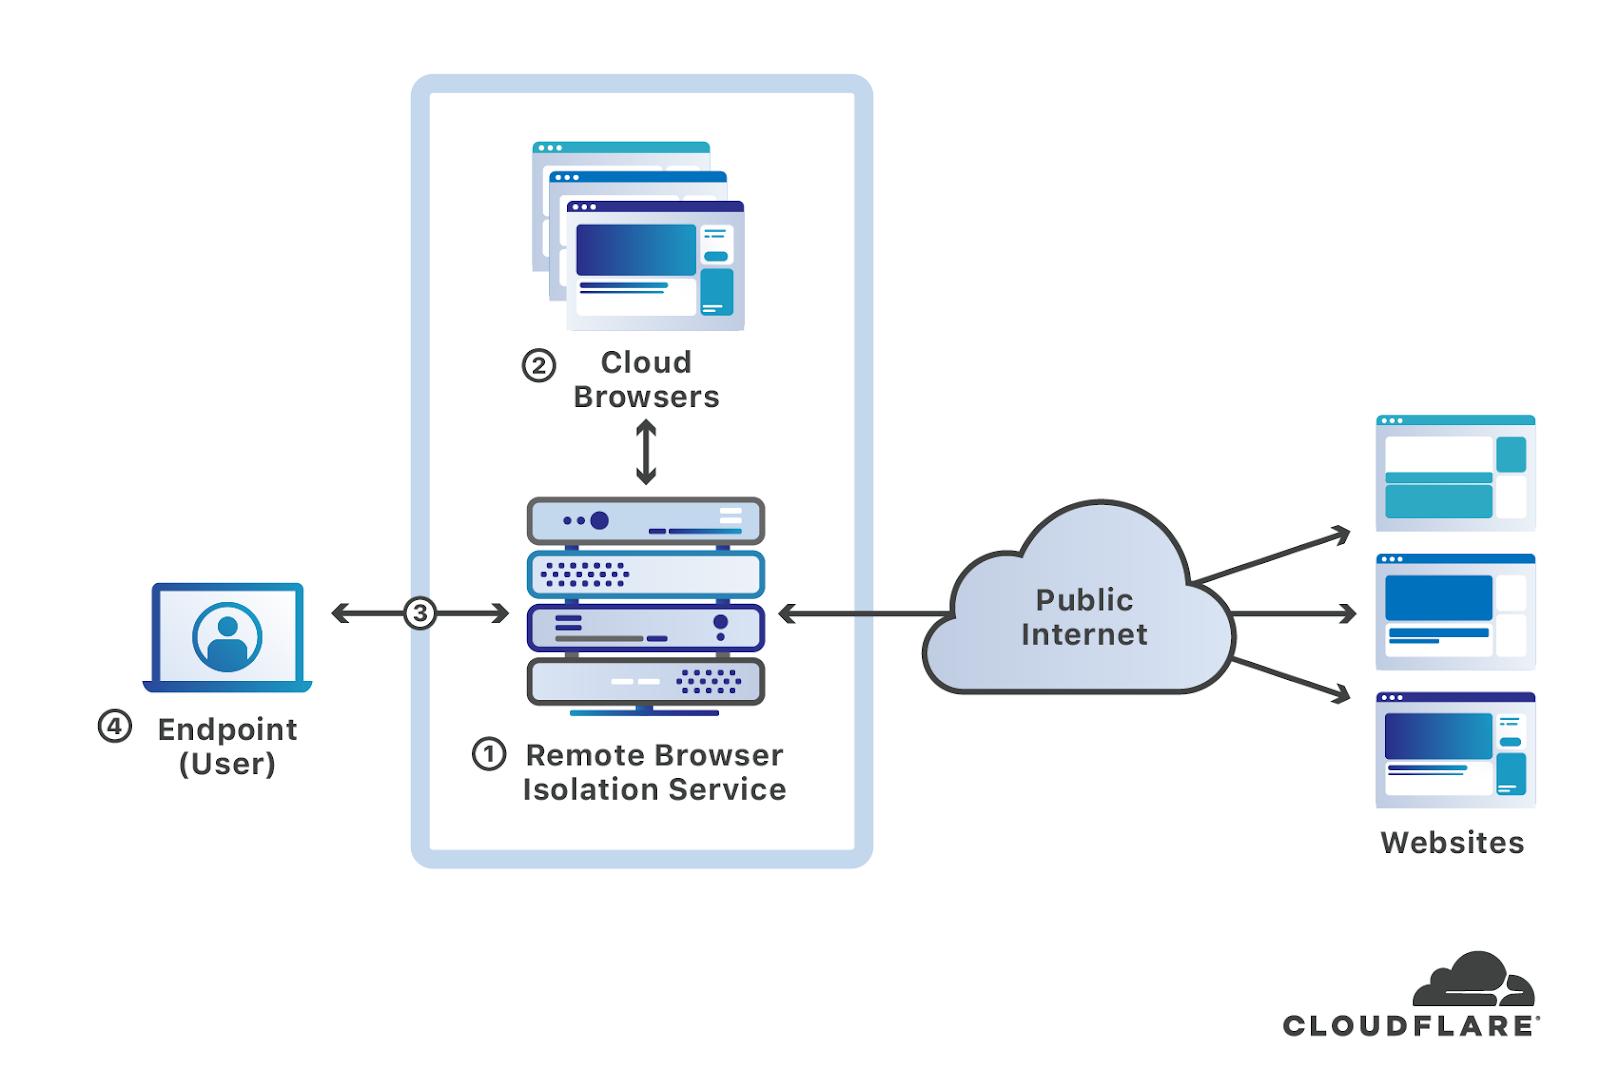 Cloudflare + Isolation de navigateur à distance